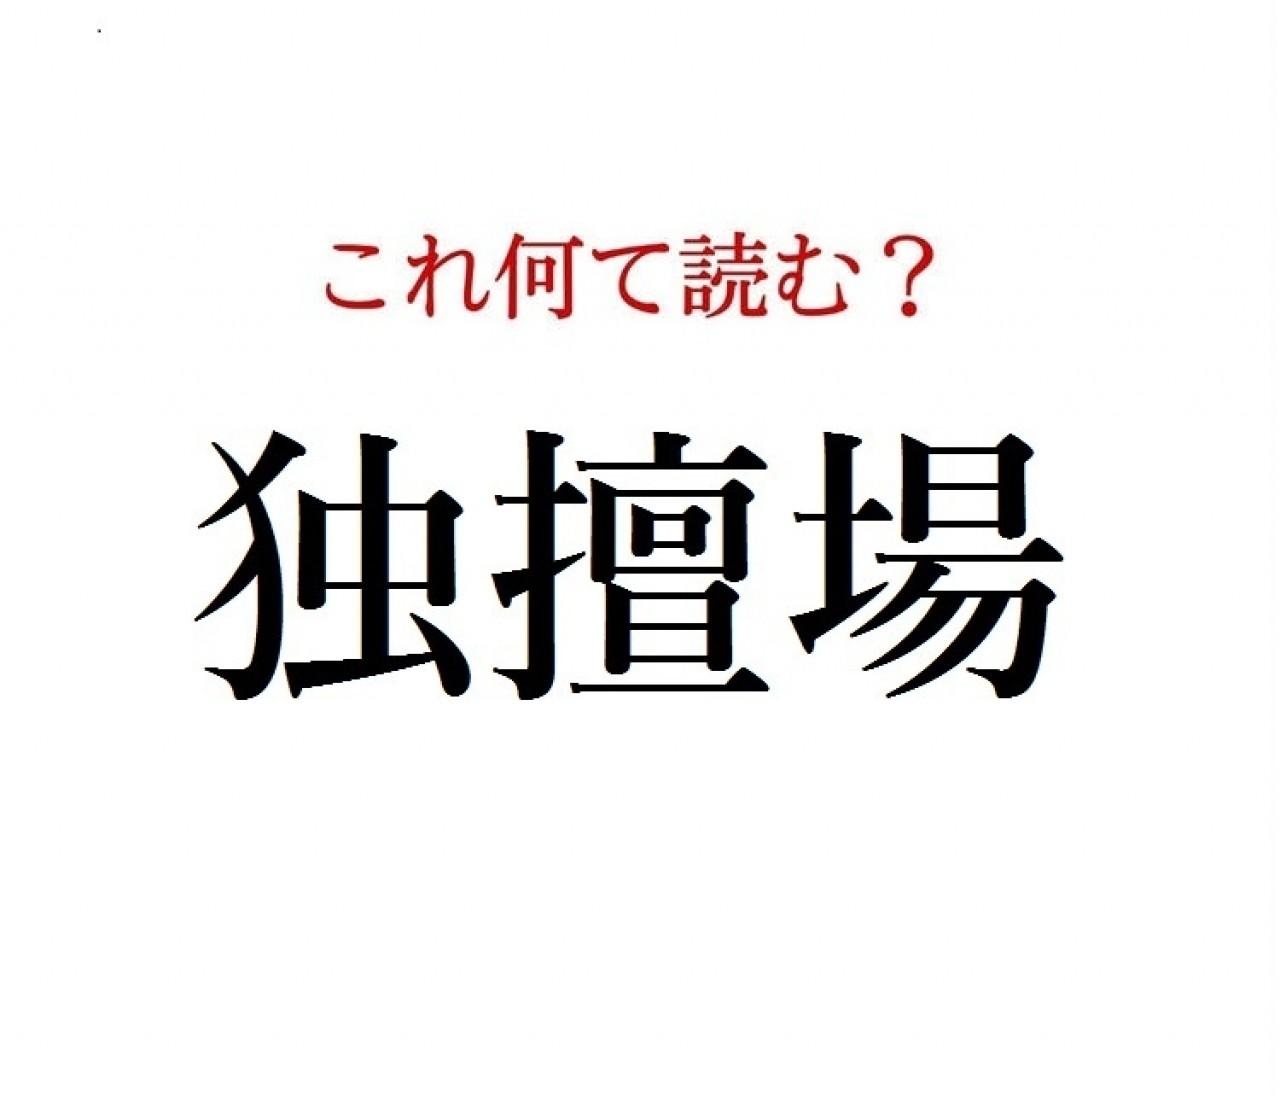 「独擅場」:この漢字、自信を持って読めますか?【働く大人の漢字クイズvol.301】